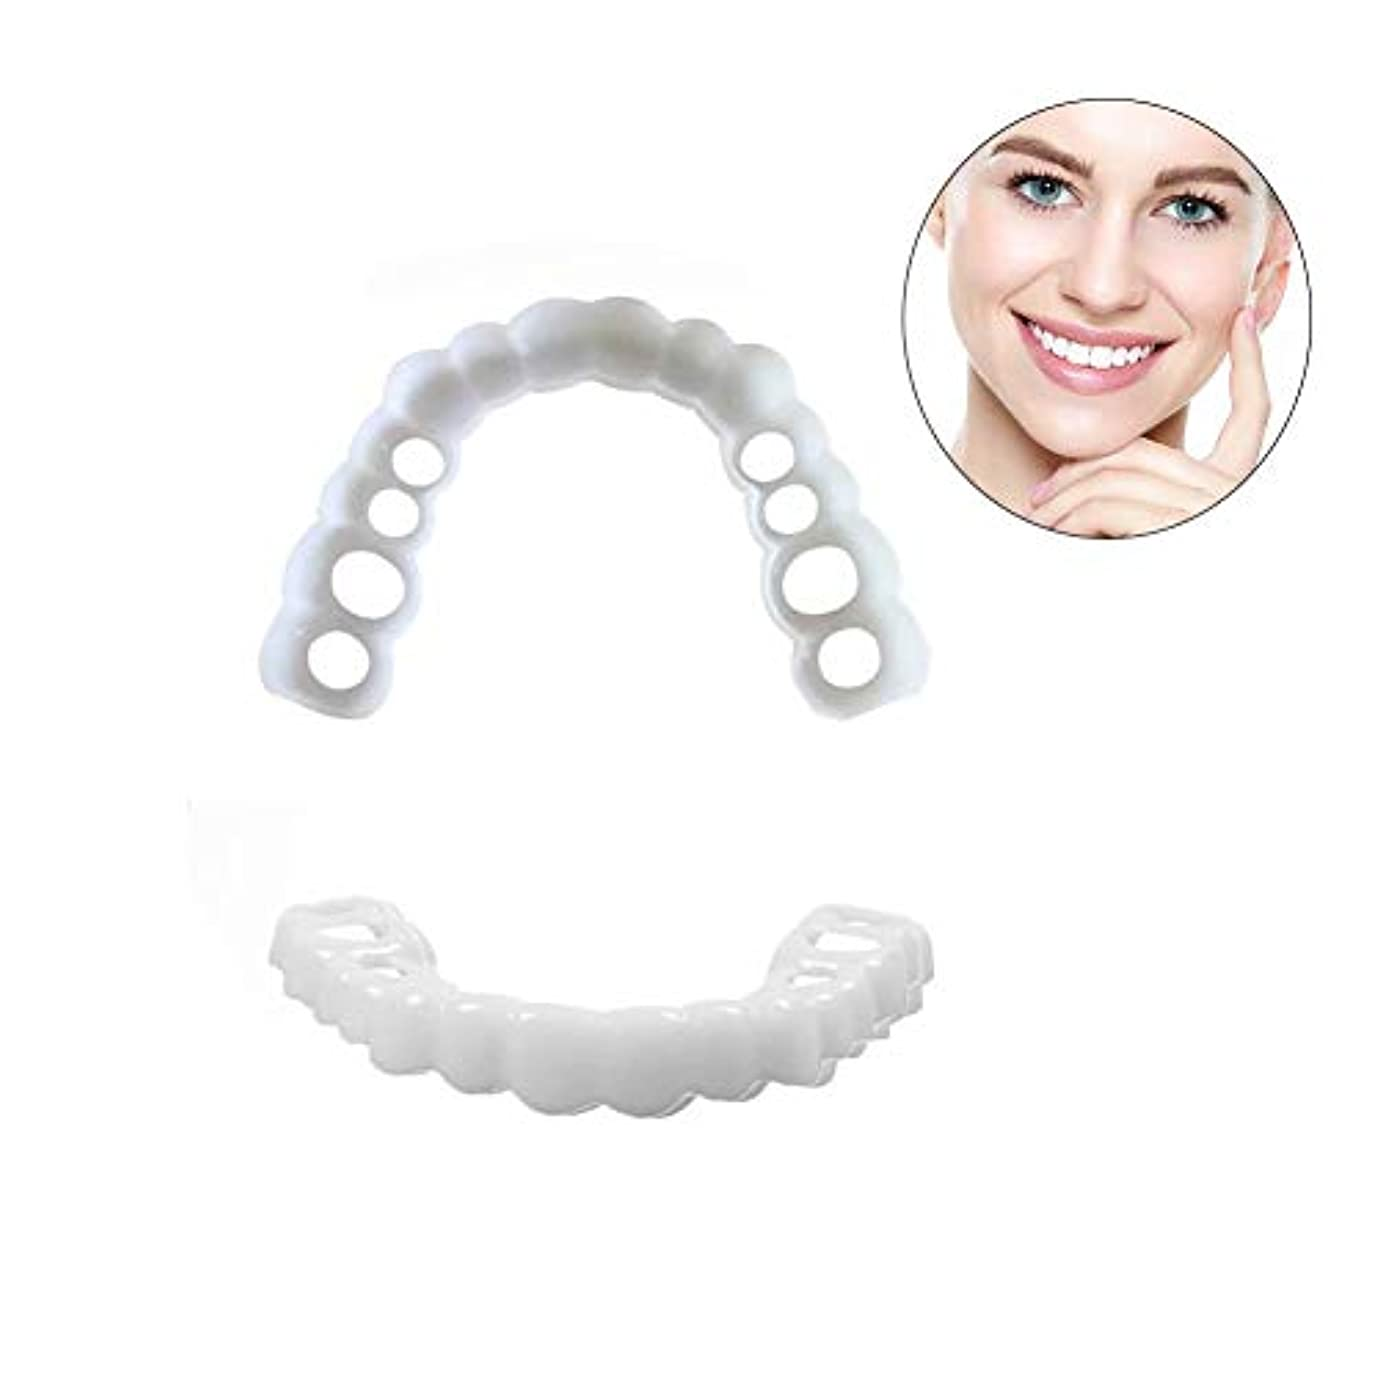 間隔ドーム不満3ペア一時的な化粧品の歯義歯歯の化粧品模擬装具アッパーブレース+ロアブレース、インスタント快適なフレックスパーフェクトベニアの歯スナップキャップ